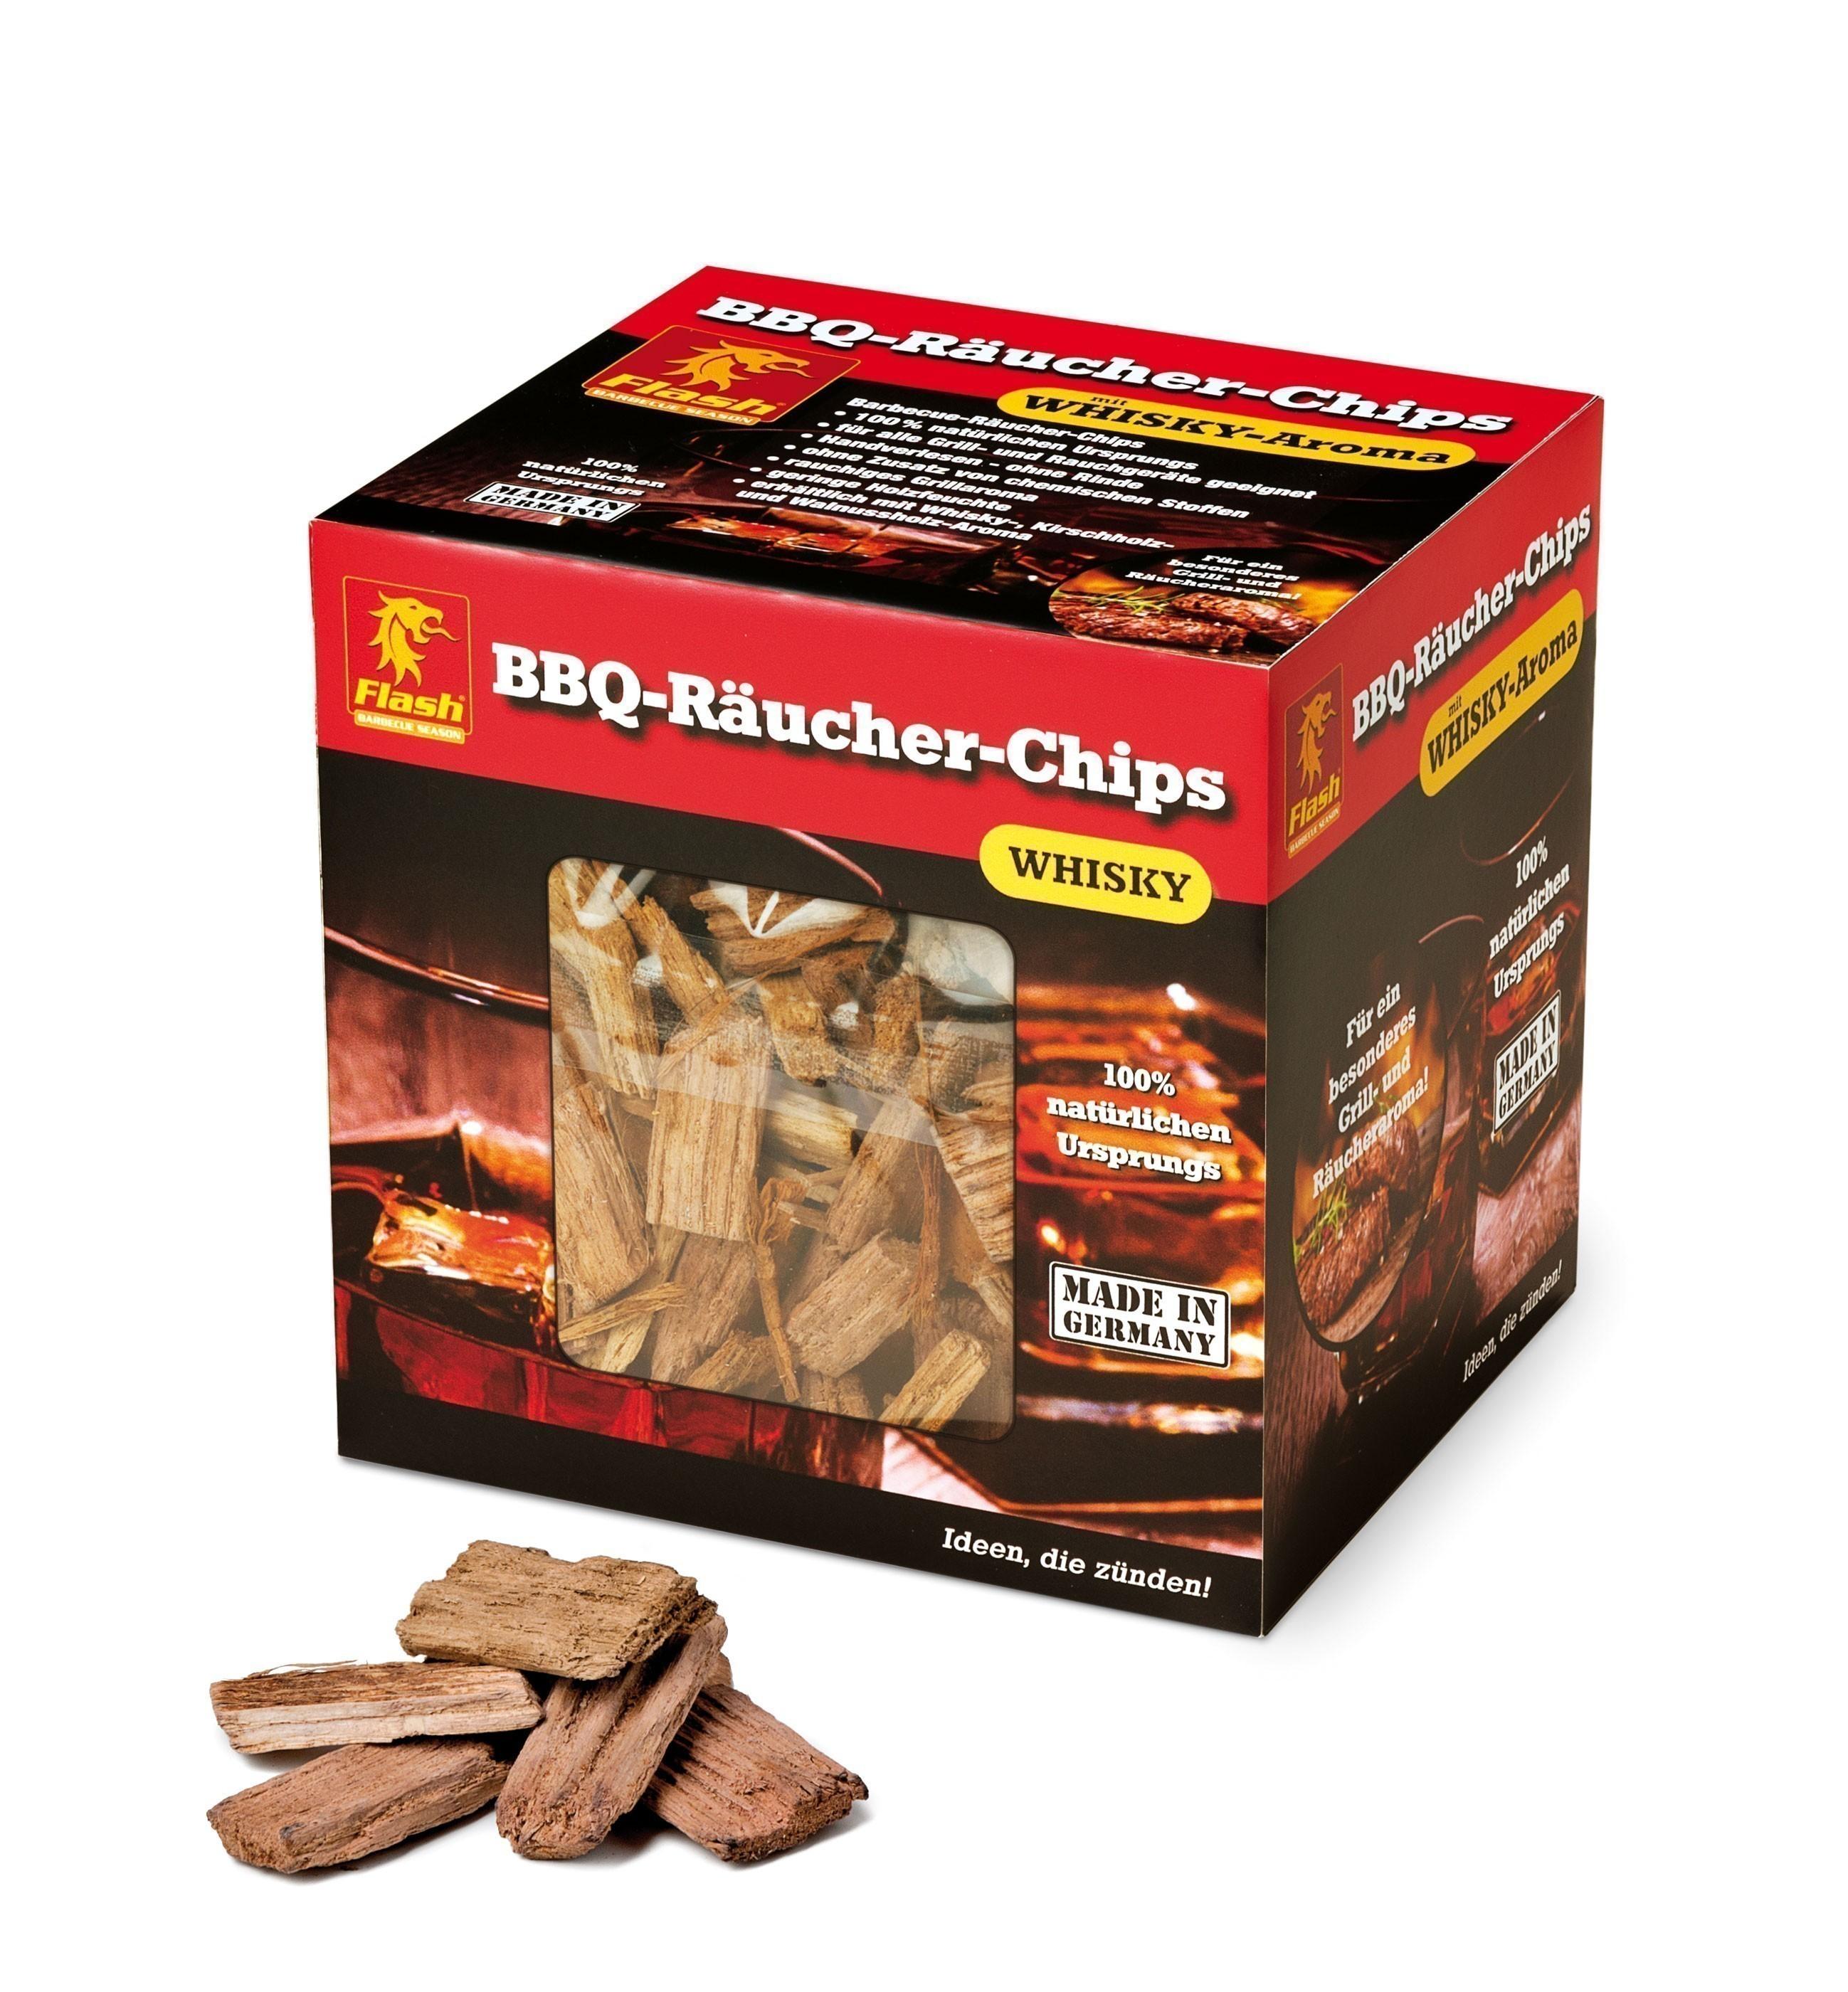 Räucher-Chips Boomes Flash Whisky 700g Bild 1